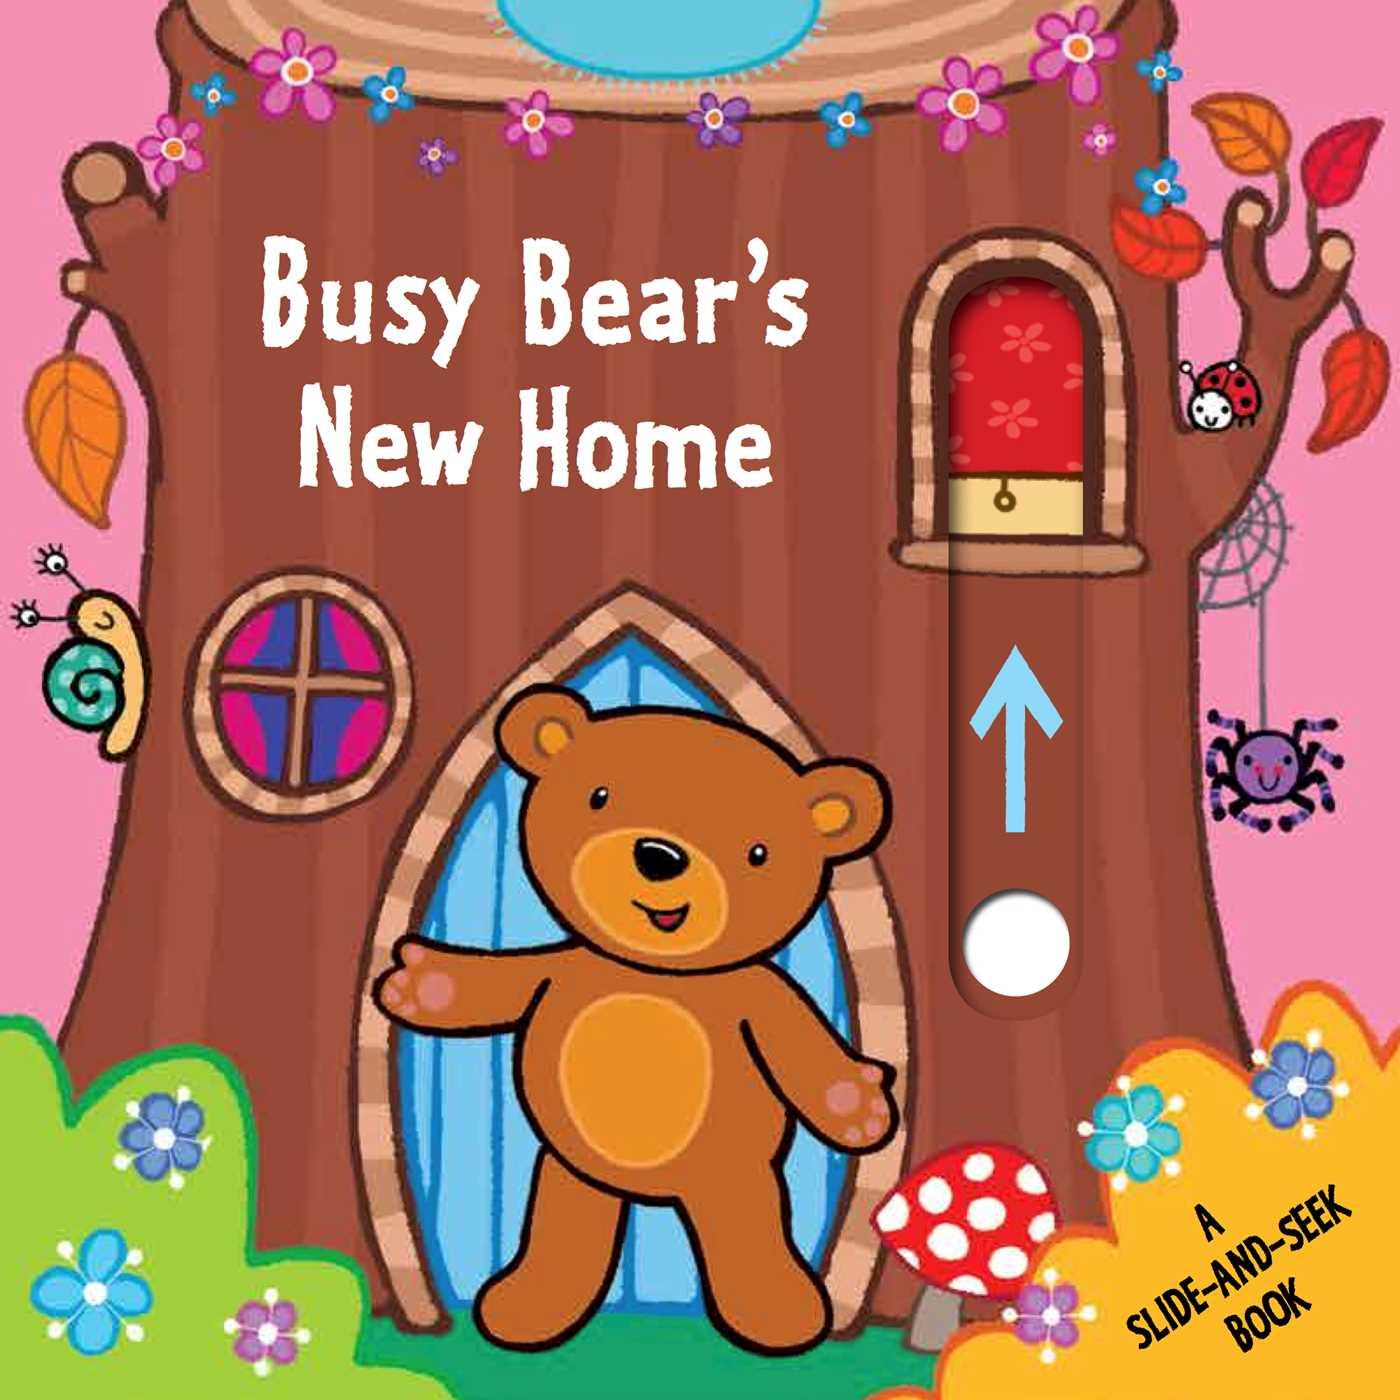 Busy bear s new home 9781499804058 hr